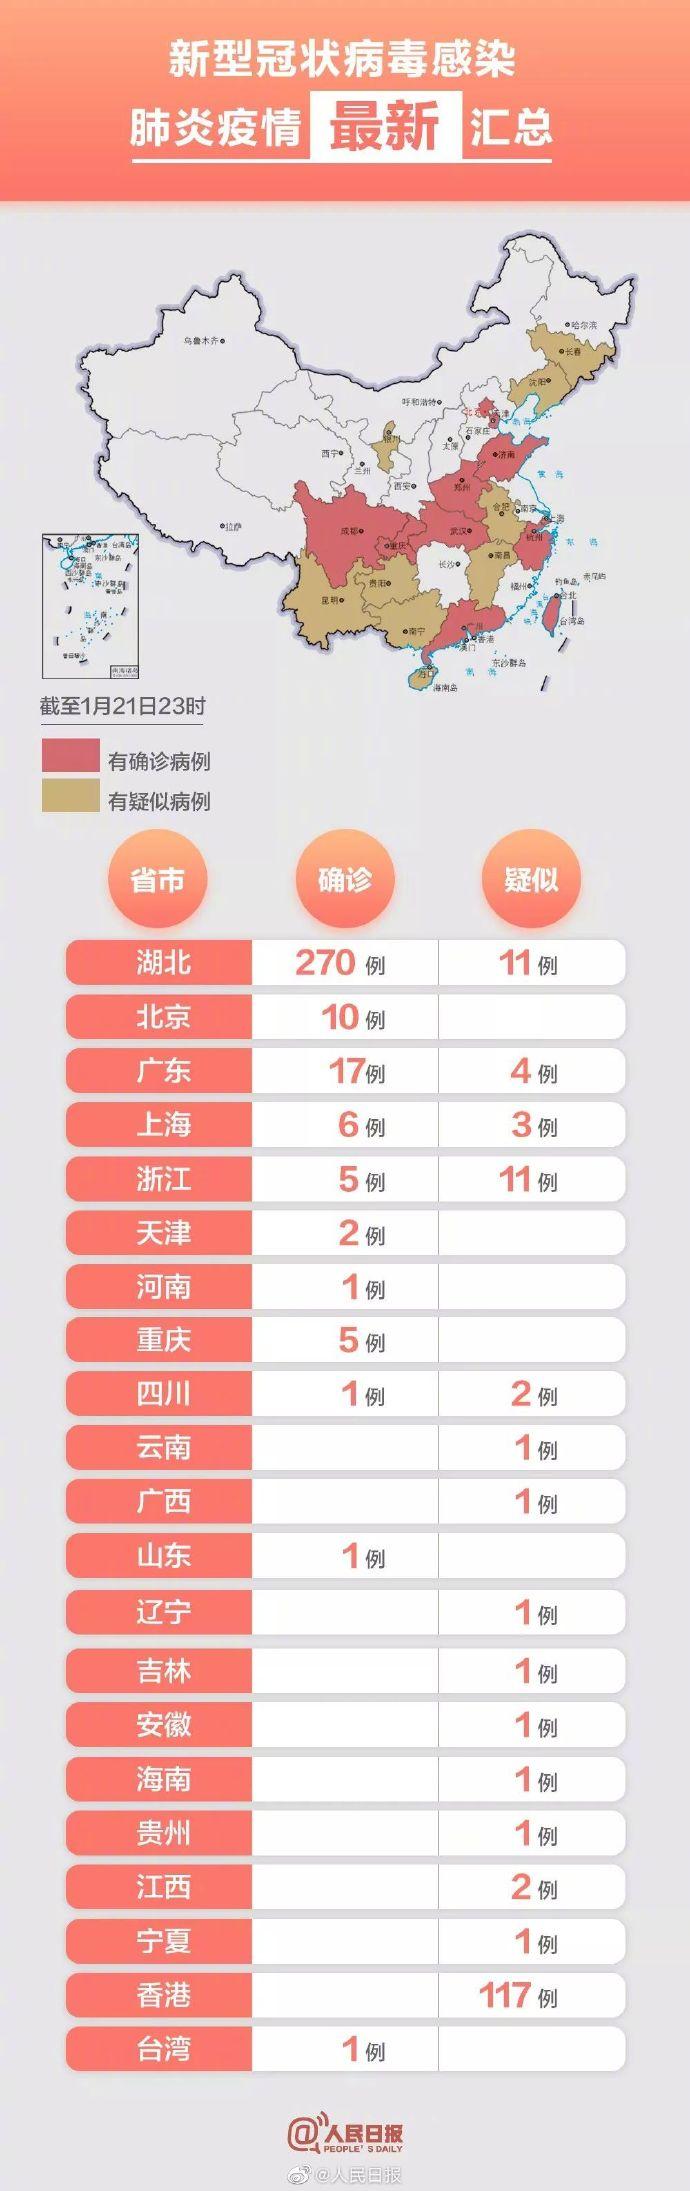 全国已确诊新型肺炎病例319例湖北270例北京10例